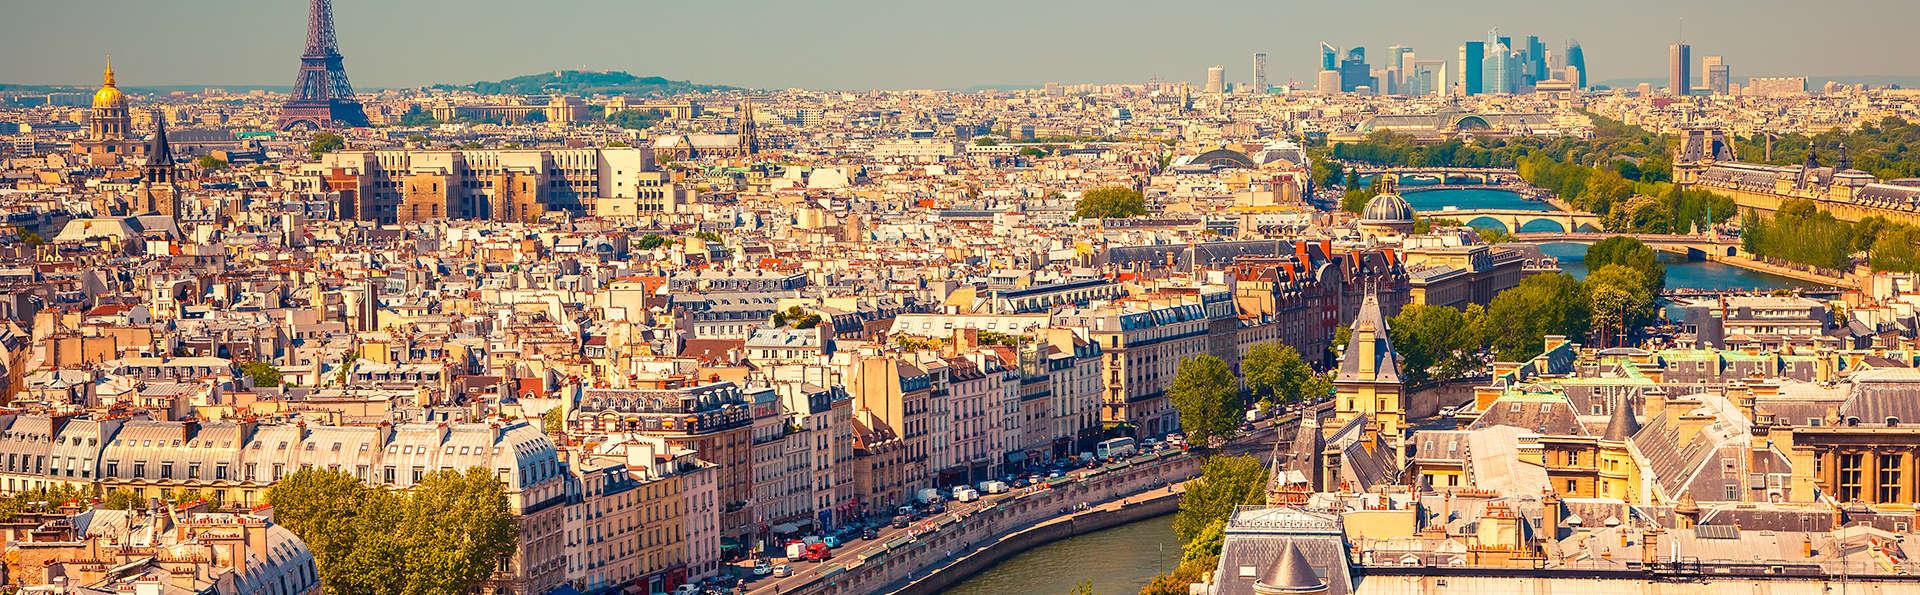 Mercure Paris Saint-Cloud Hippodrome - edit_paris.jpg